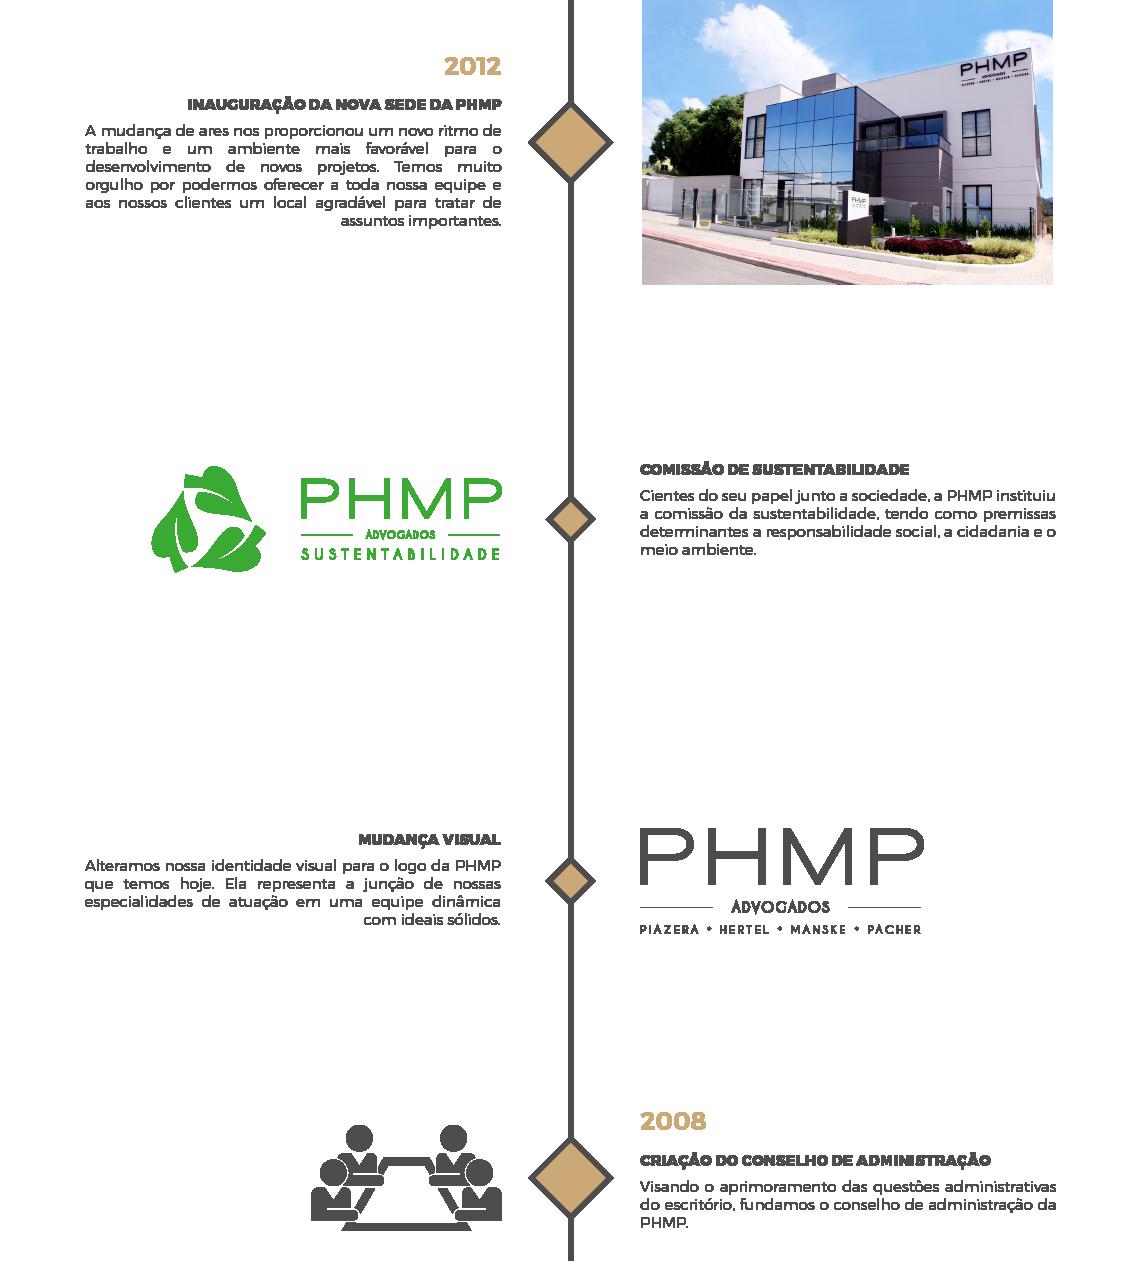 phmp-site-linha-do-tempo-03